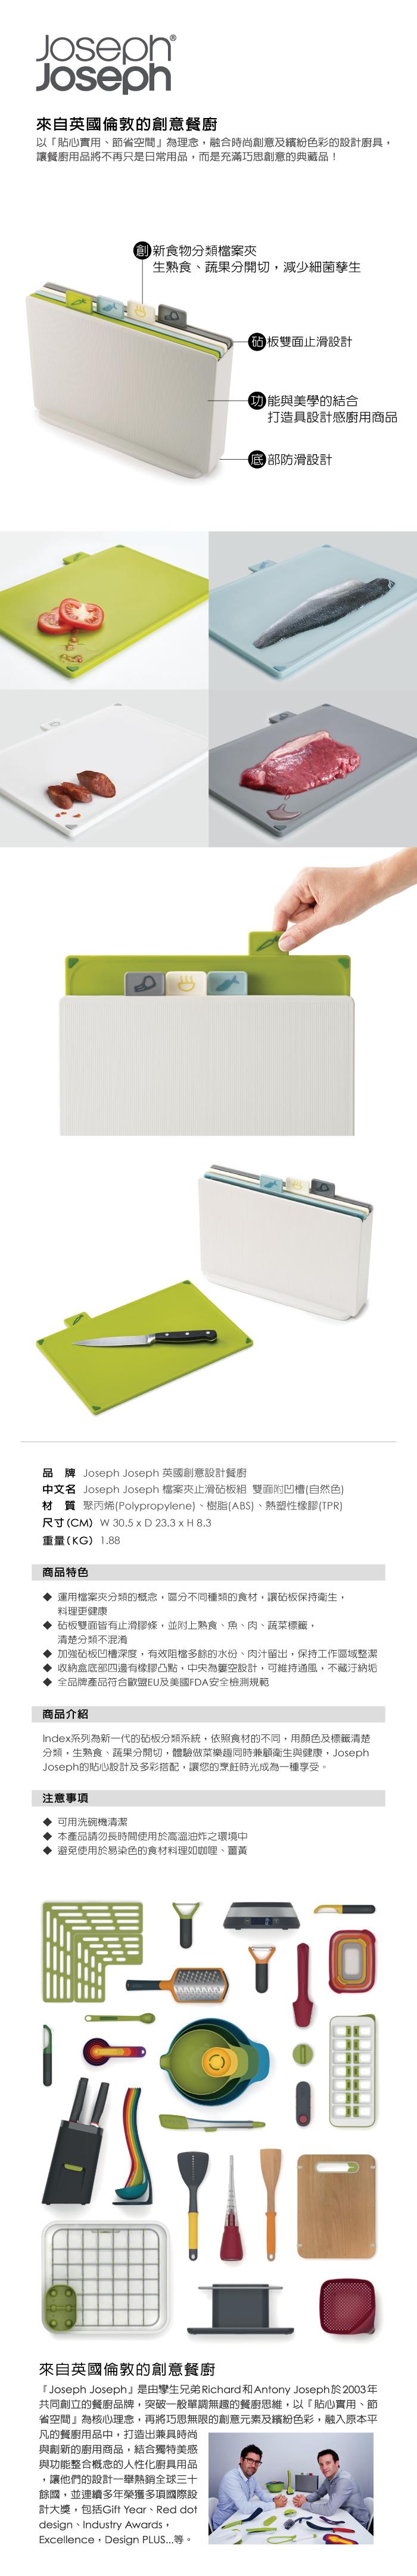 (複製)Joseph Joseph 英國創意餐廚 檔案夾止滑砧板組-雙面附凹槽(小銀)